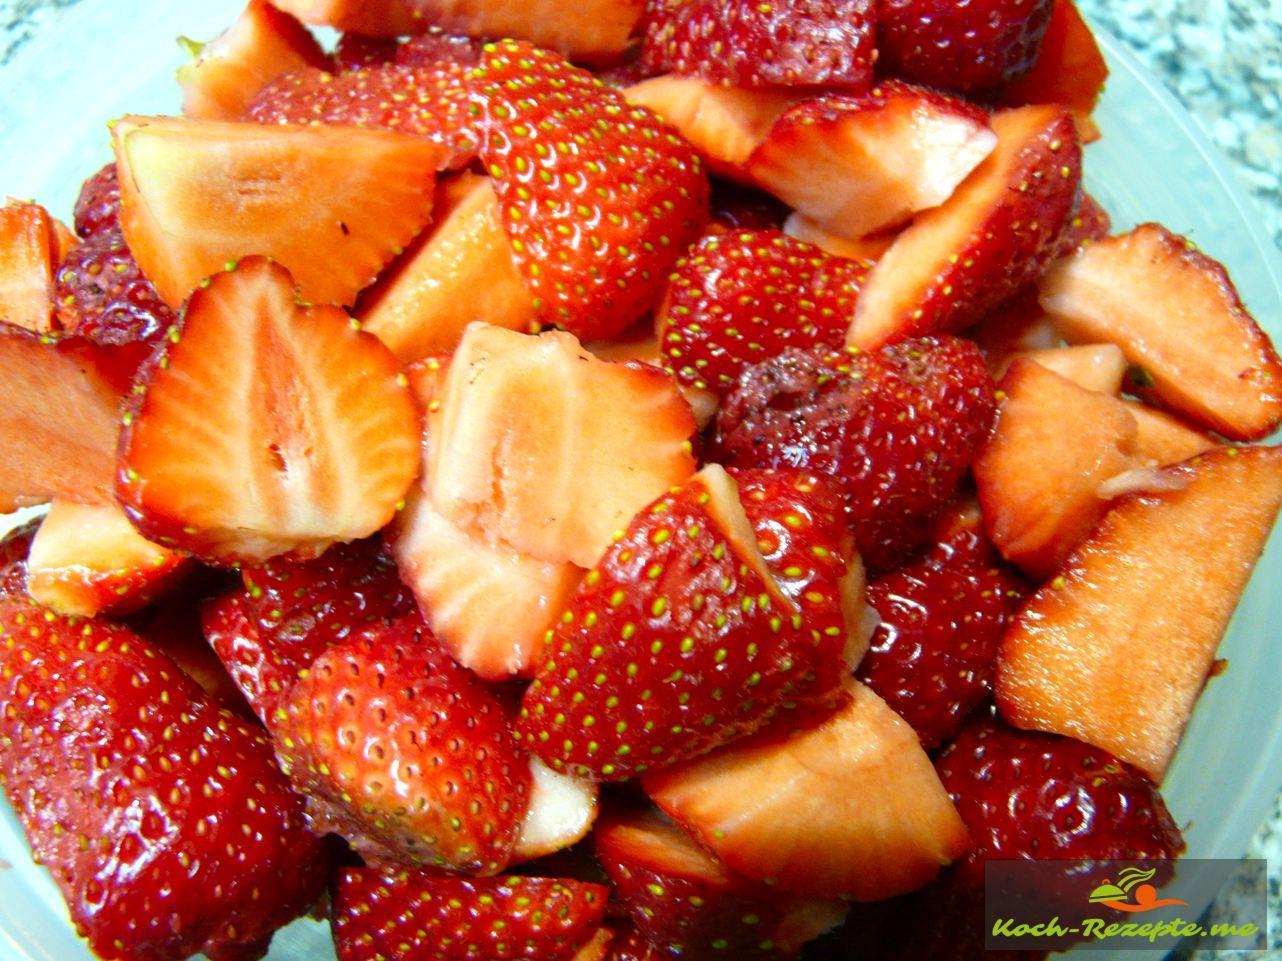 Erdbeeren gereinigt Vierteln